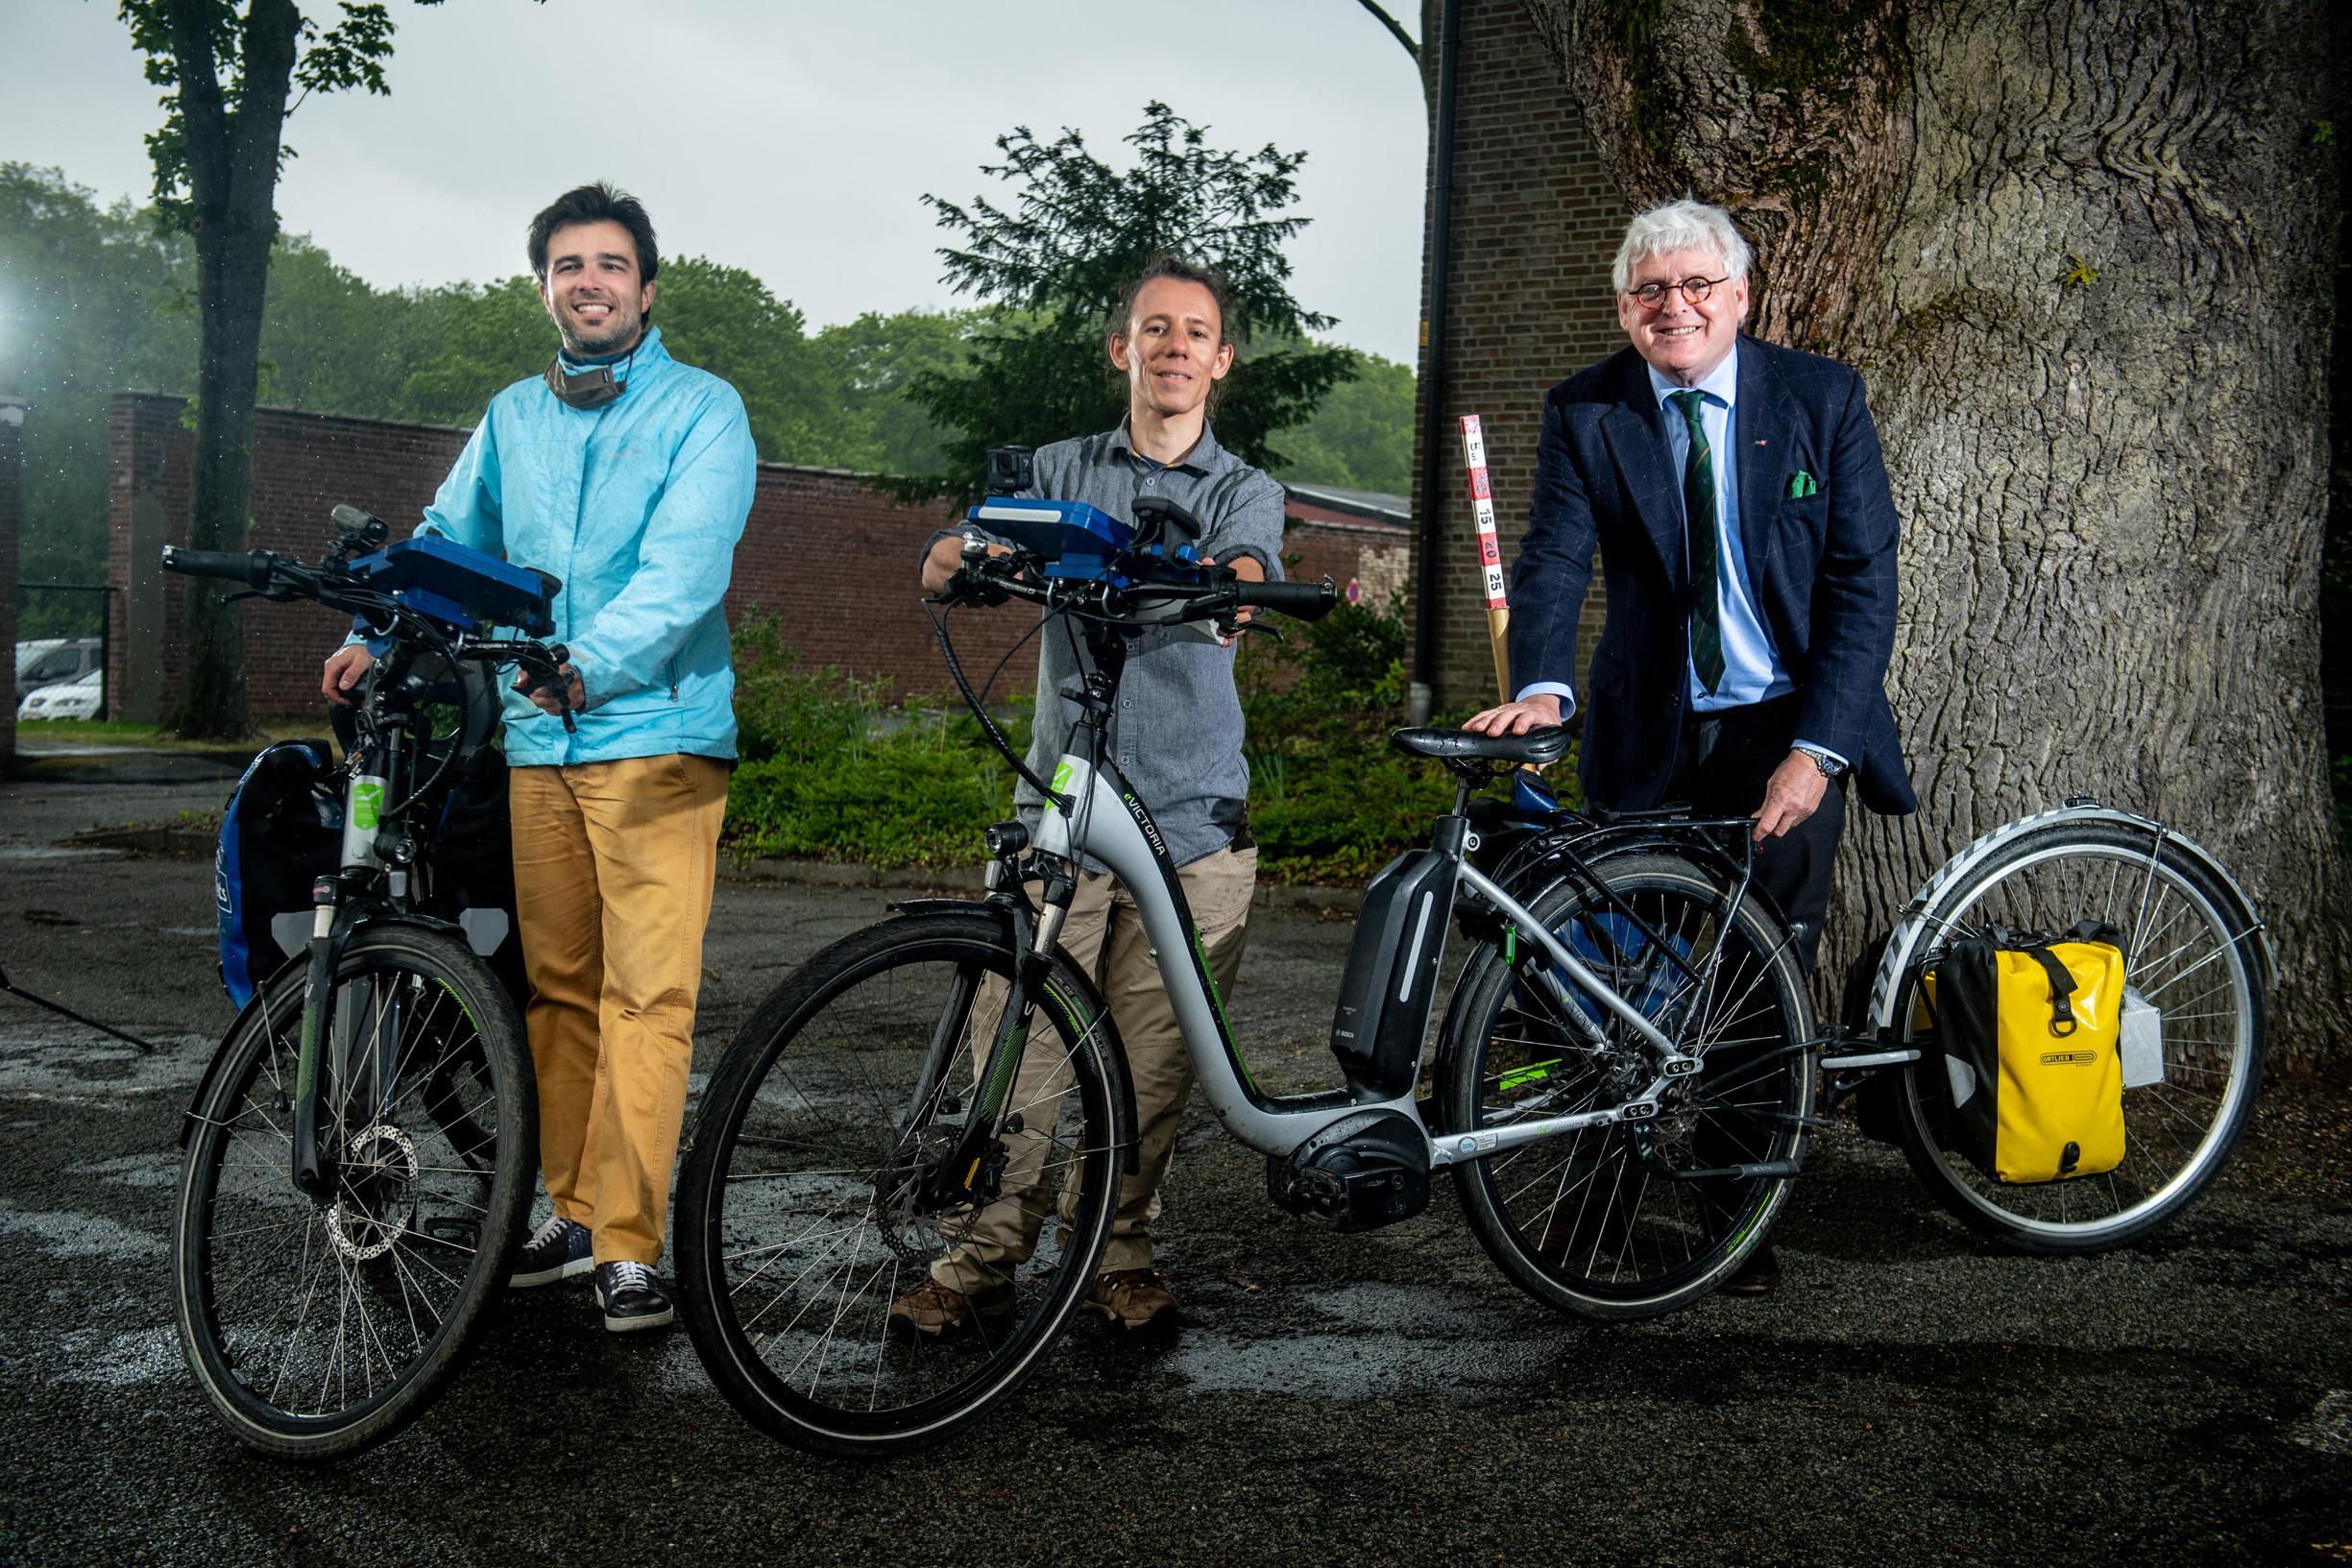 Fietsbarometer brengt kwaliteit functionele fietspaden in kaart